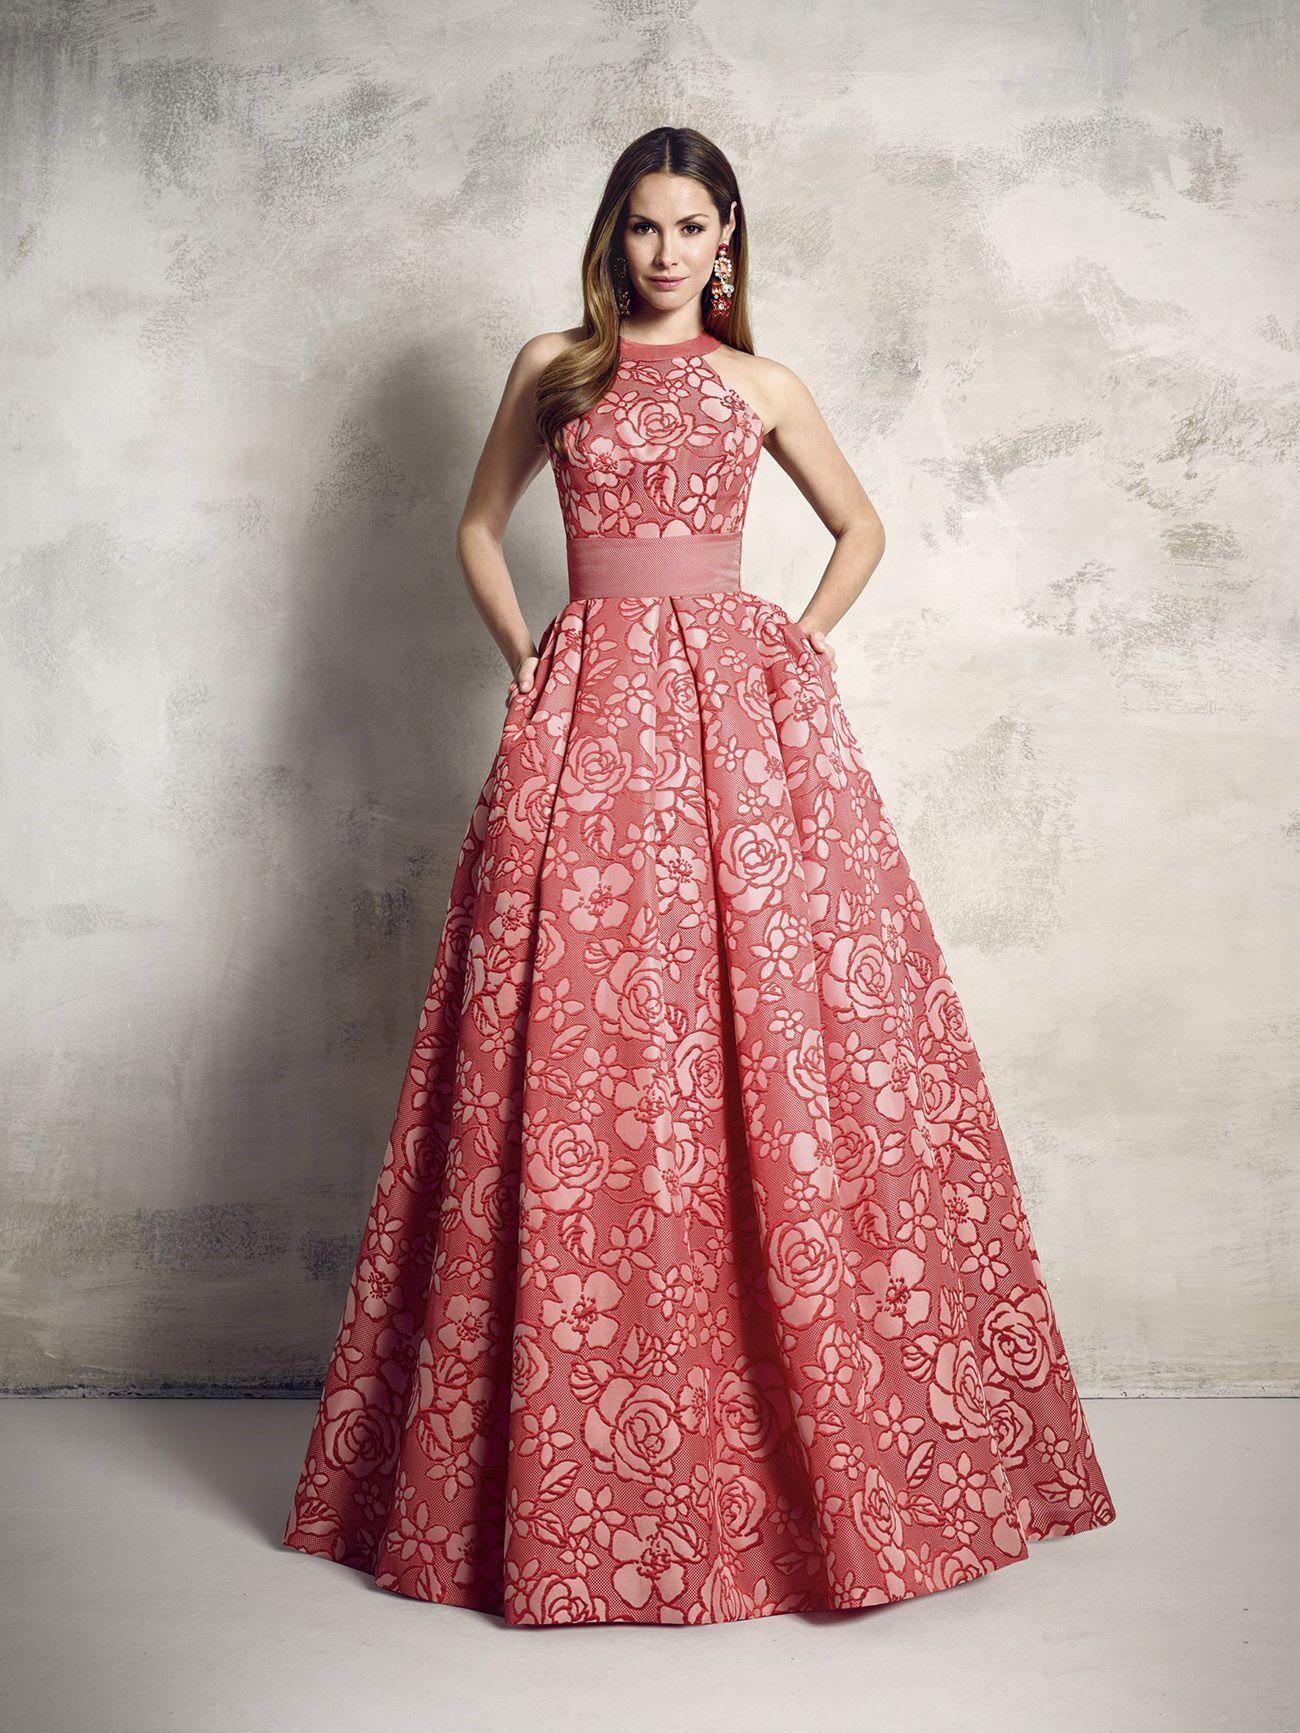 Lujoso Vestido De Fiesta Macys Friso - Colección de Vestidos de Boda ...